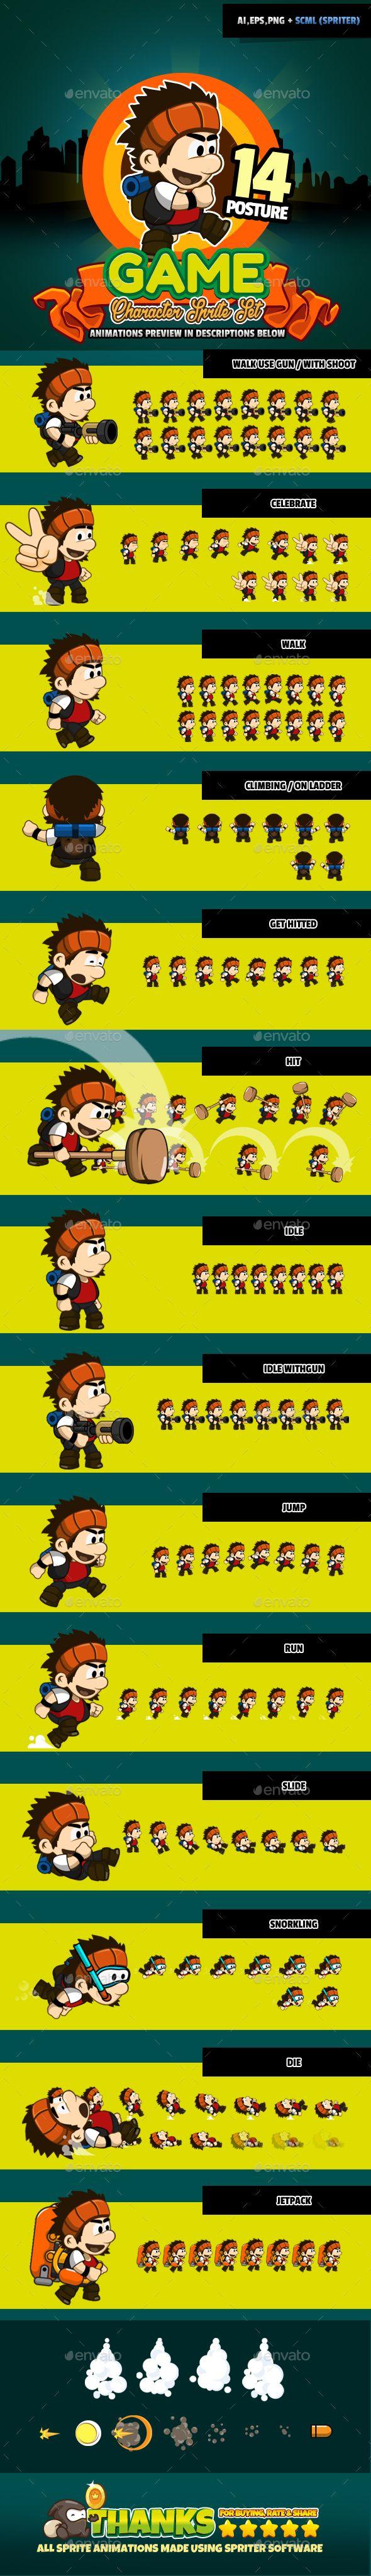 Character Set v05 | Download: https://graphicriver.net/item/character-set-v05/18041117?ref=sinzo #Sprites #Game #Assets